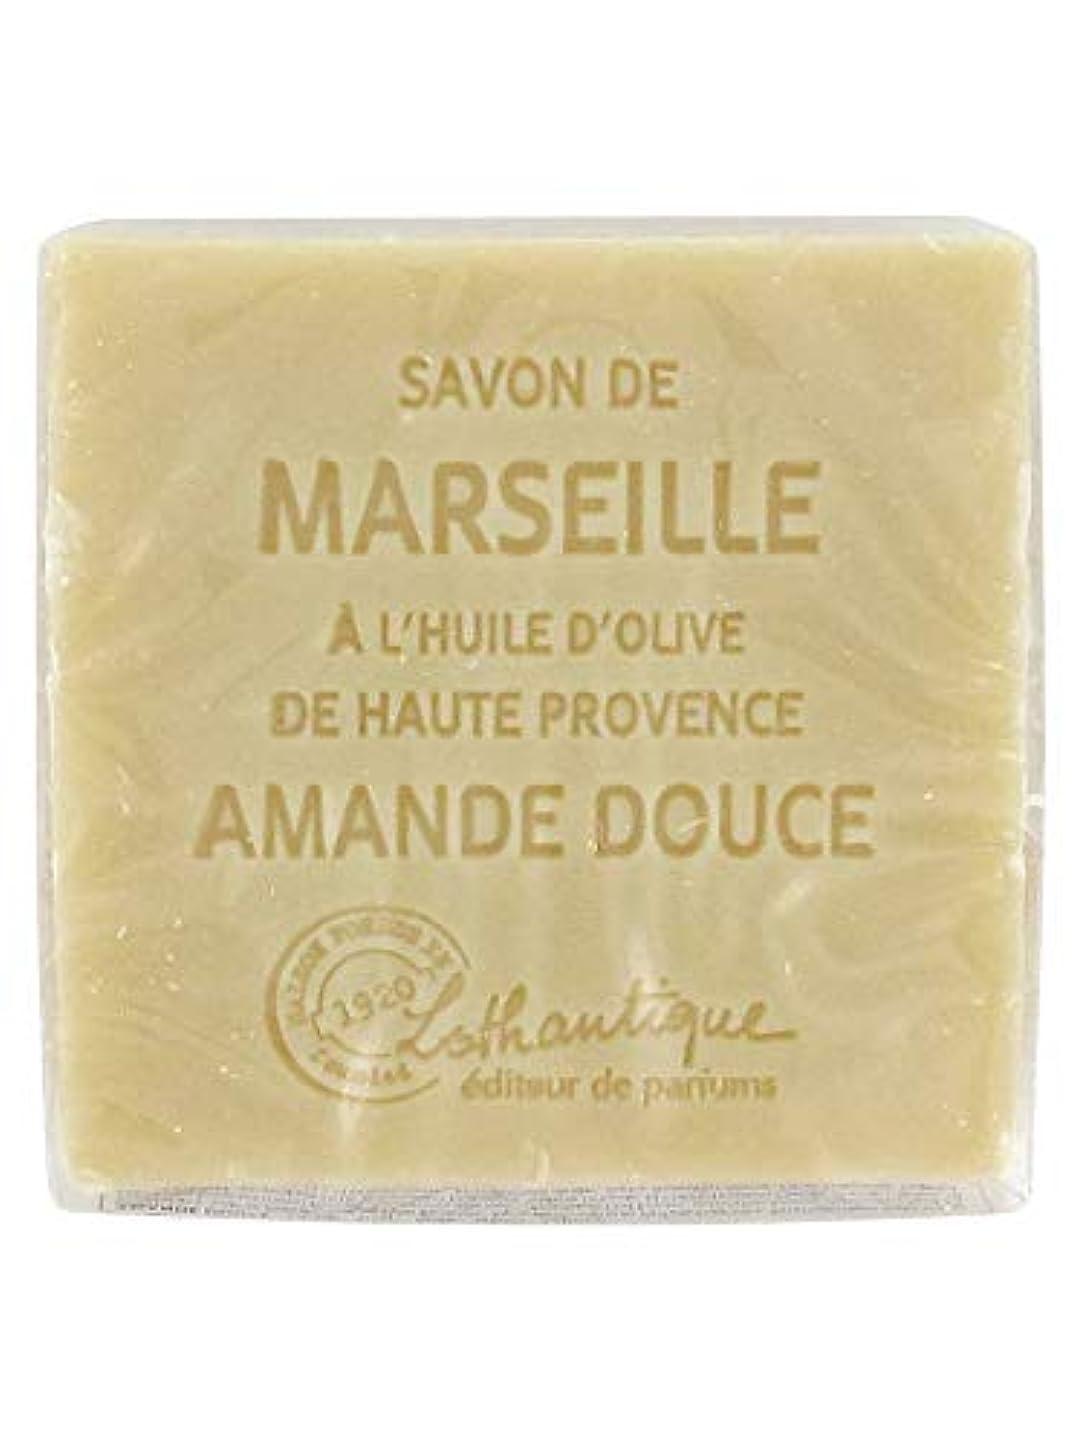 権威モザイク文献Lothantique(ロタンティック) Les savons de Marseille(マルセイユソープ) マルセイユソープ 100g 「アーモンド」 3420070038111